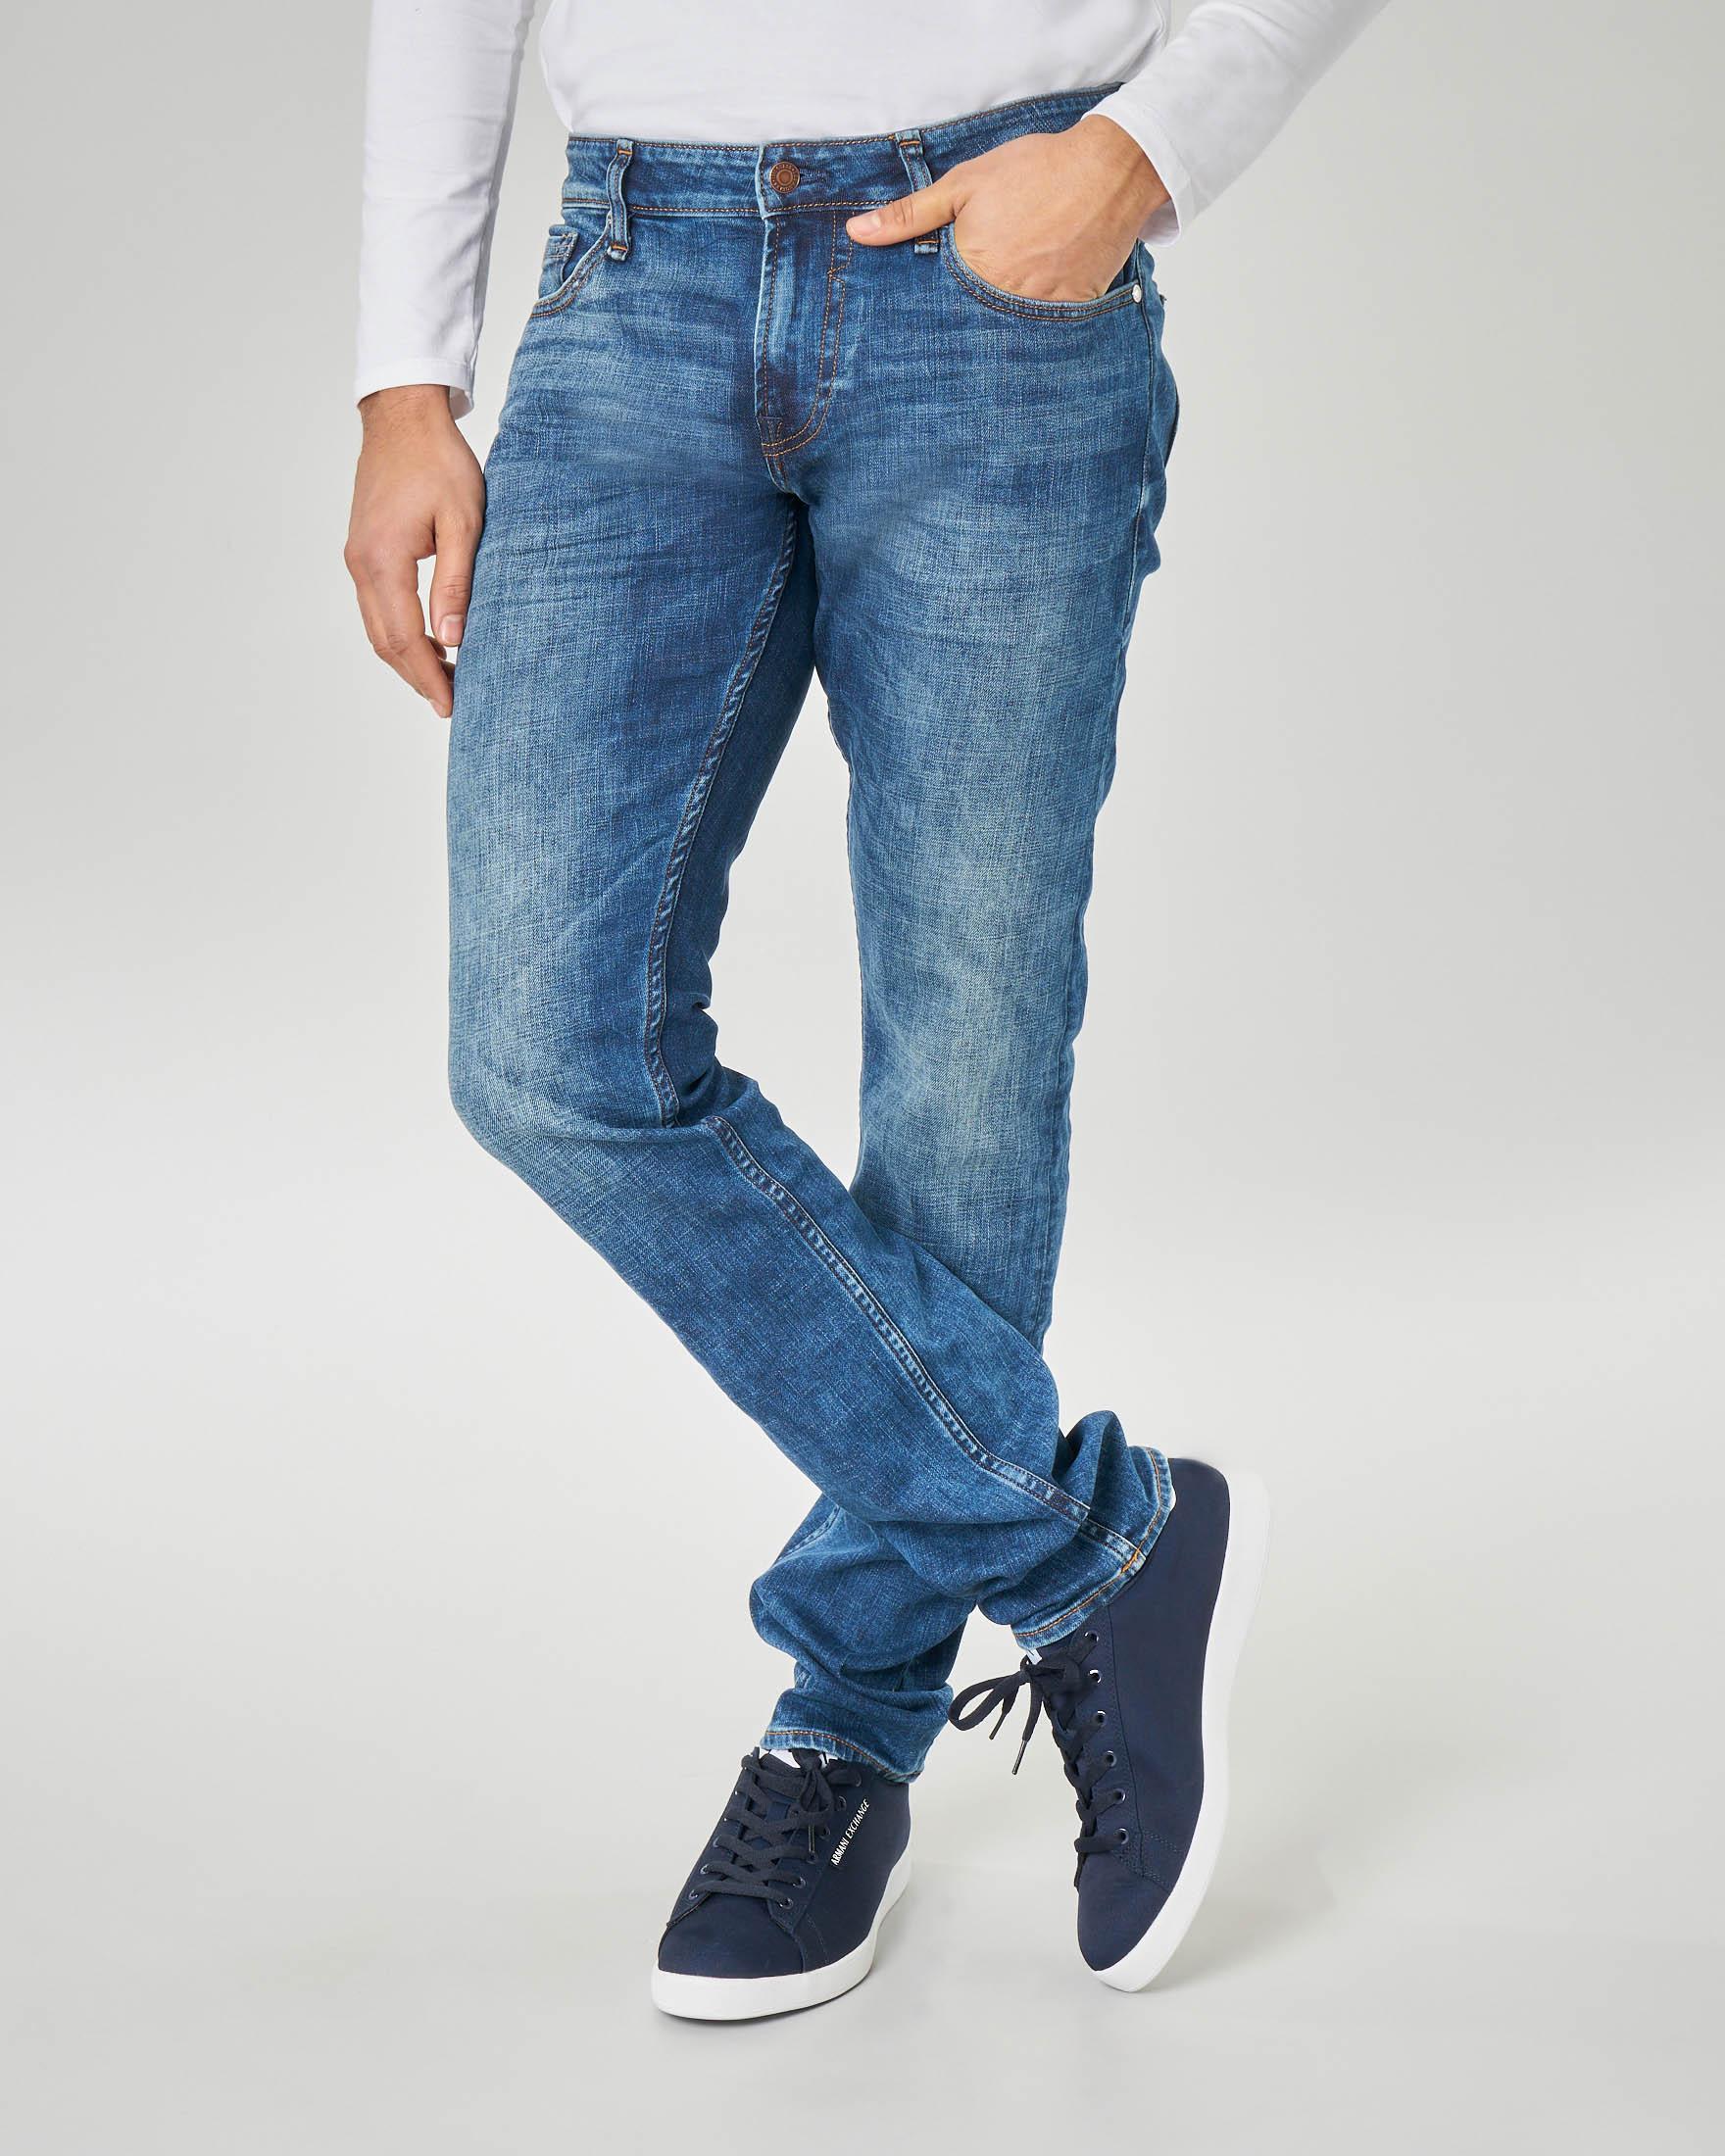 Jeans super skinny lavaggio stone wash